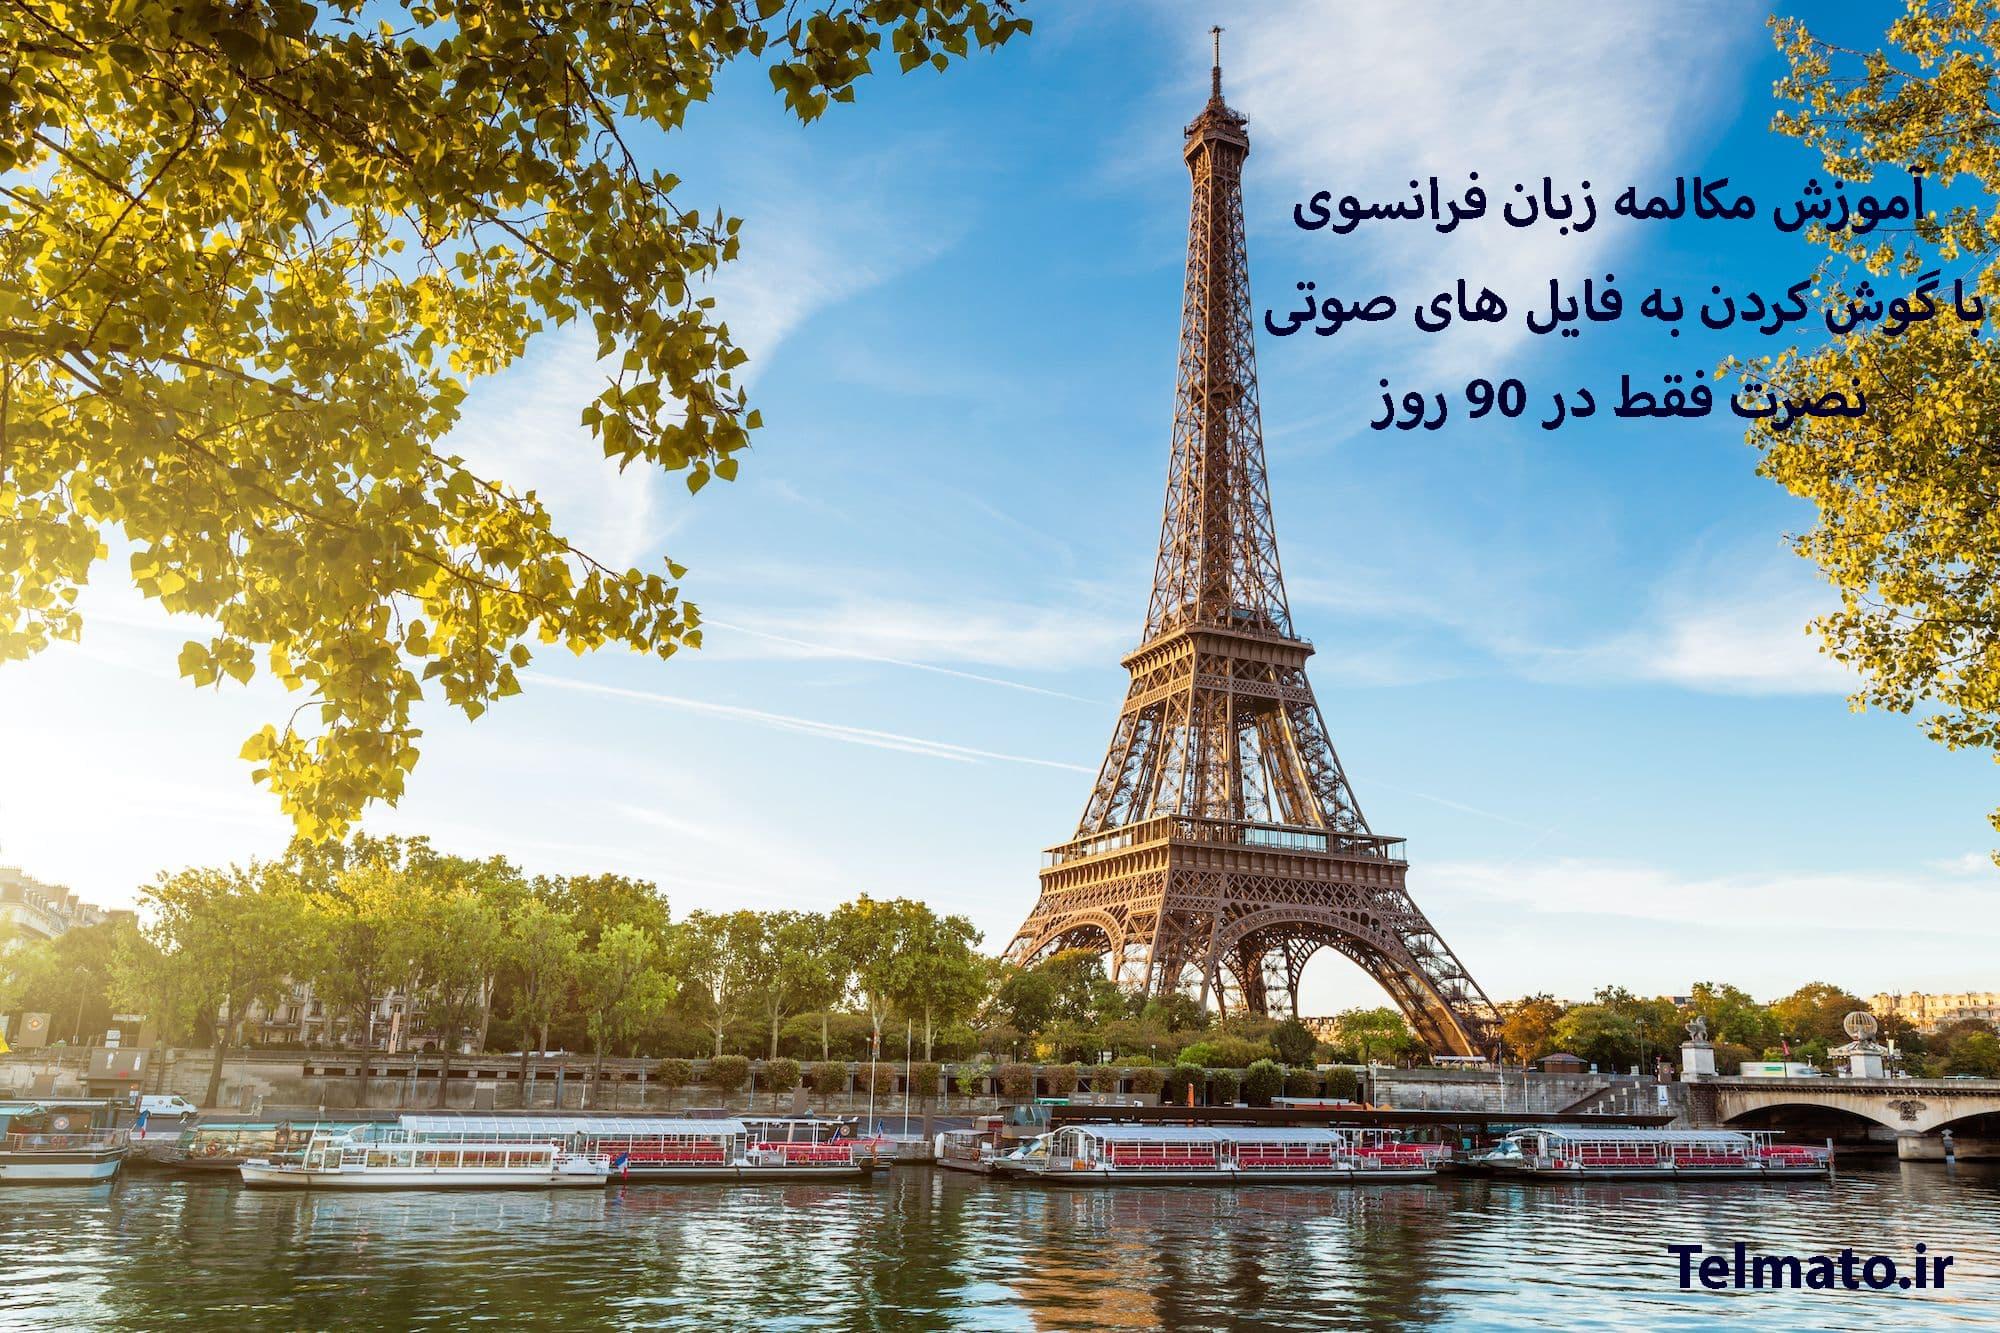 دانلود کامل آموزش مکالمه زبان فرانسه به روش صوتی نصرت | یادگیری از مبتدی تا پیشرفته برای ماشین موبایل اندروید گوشی ایفون ios , کامیوتر بصورت فایل دانلودی mp3